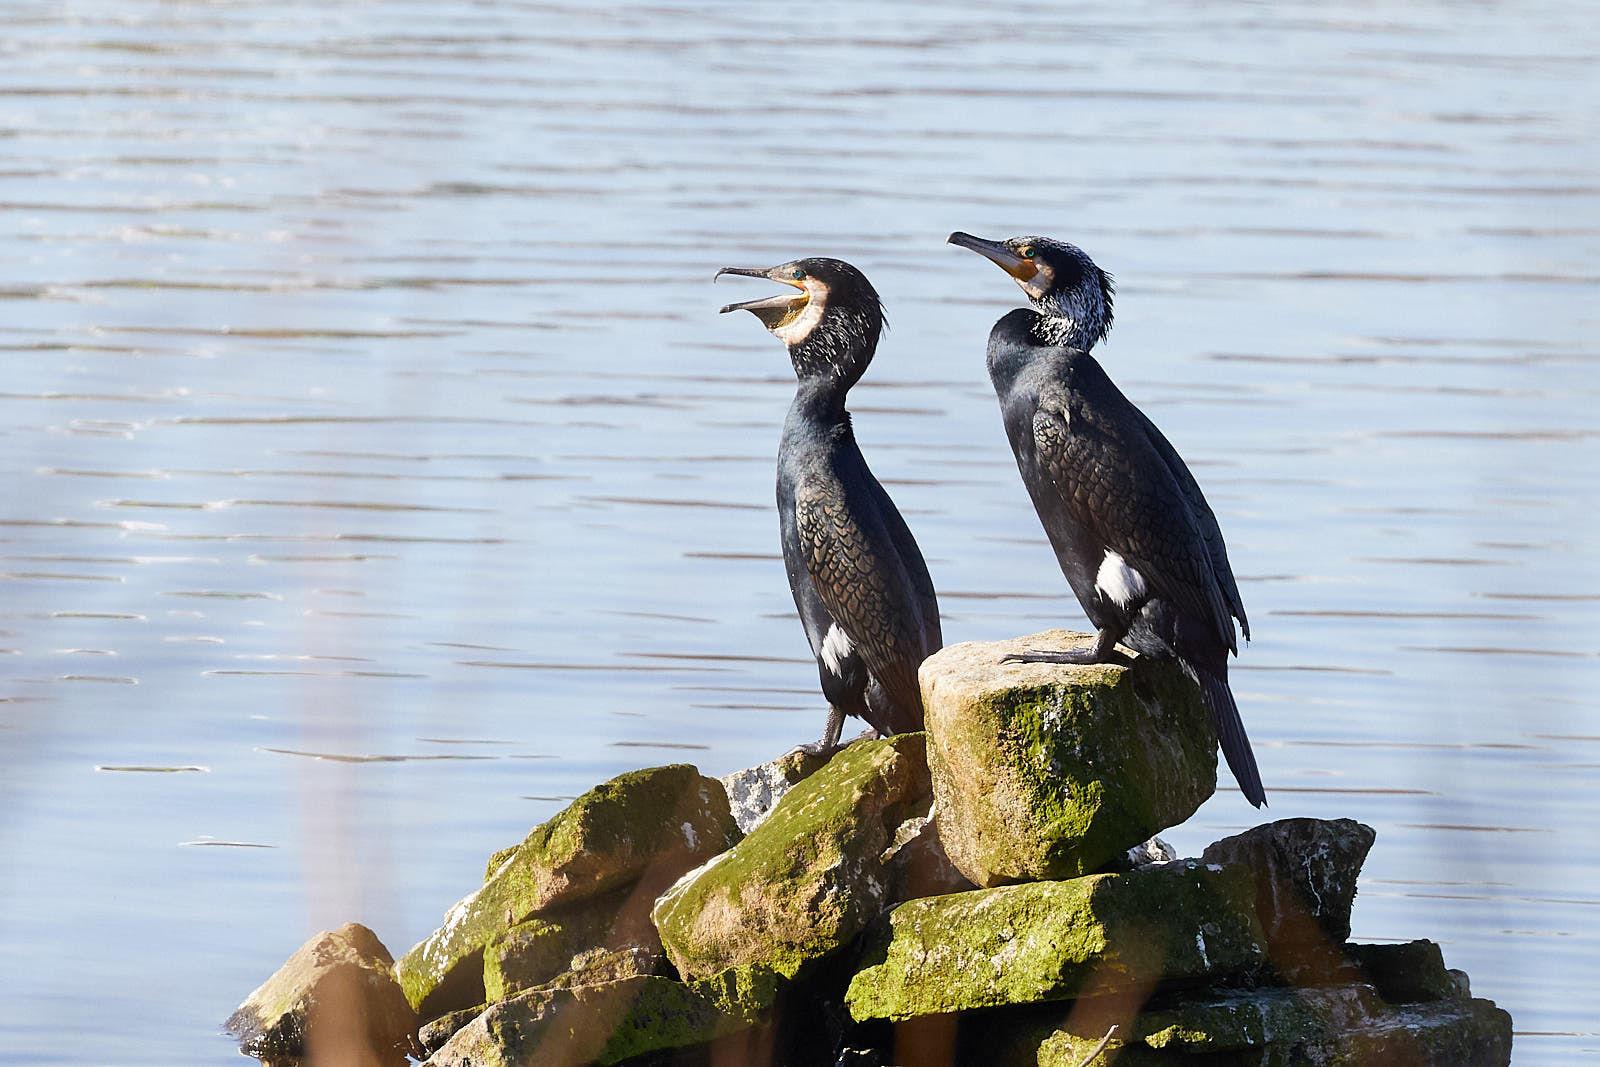 Cormorants sat on a rock